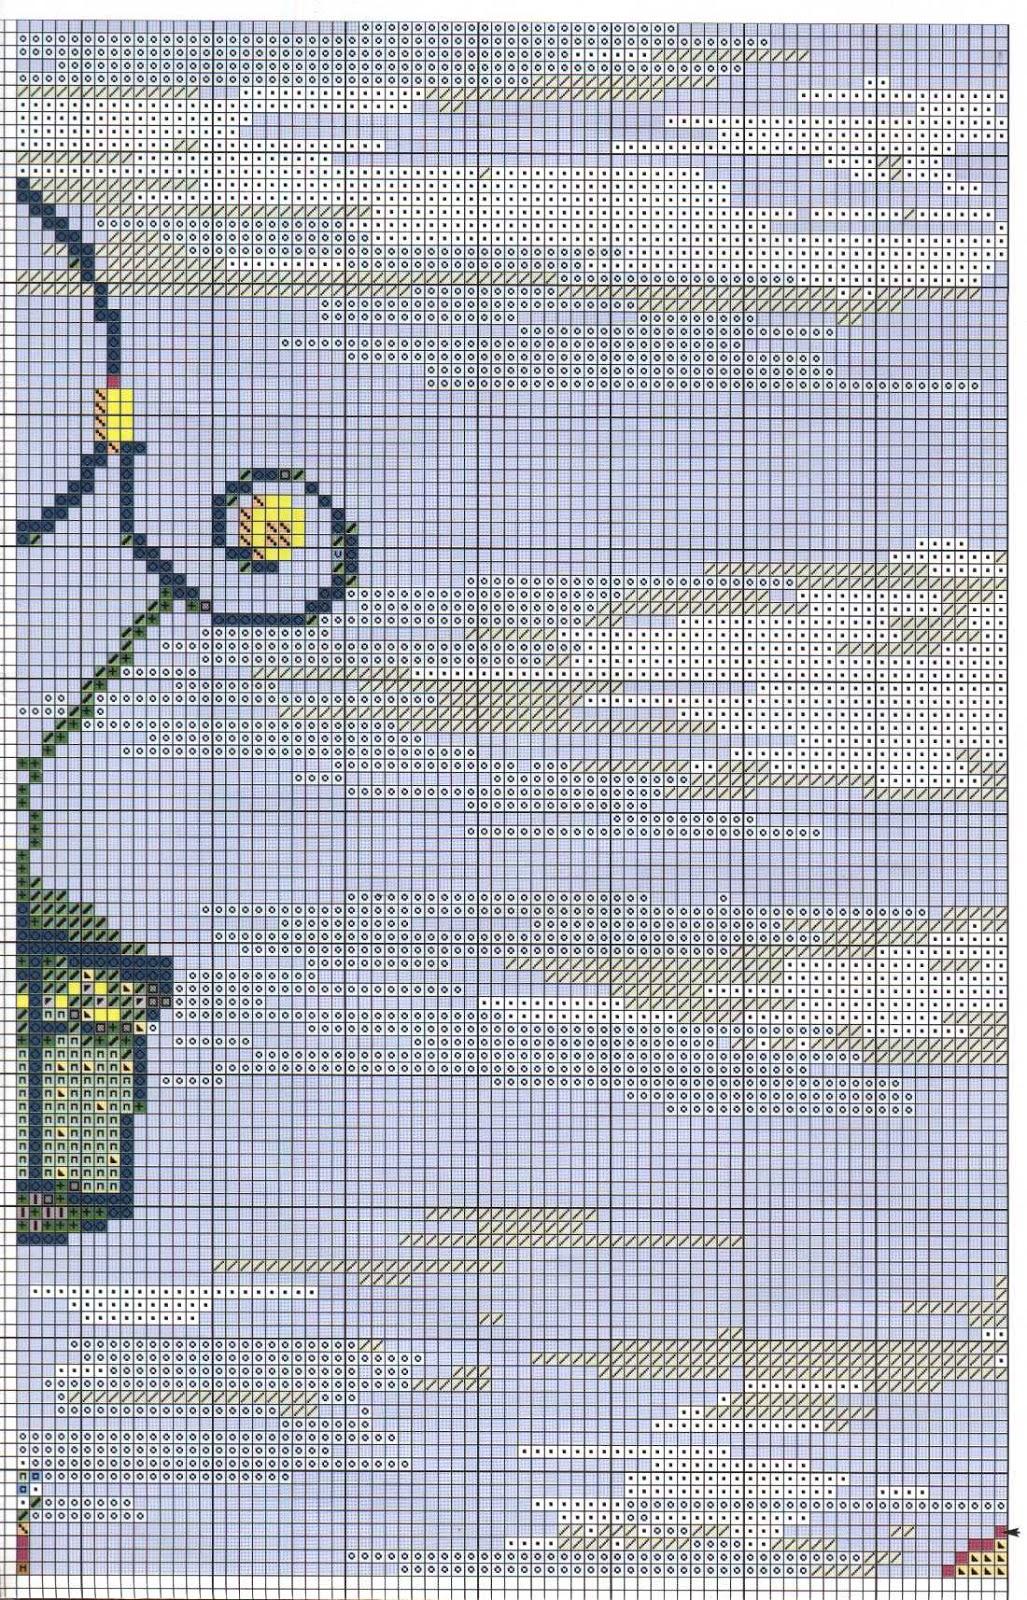 пейзажи санкт петербурга схемы для вышивки